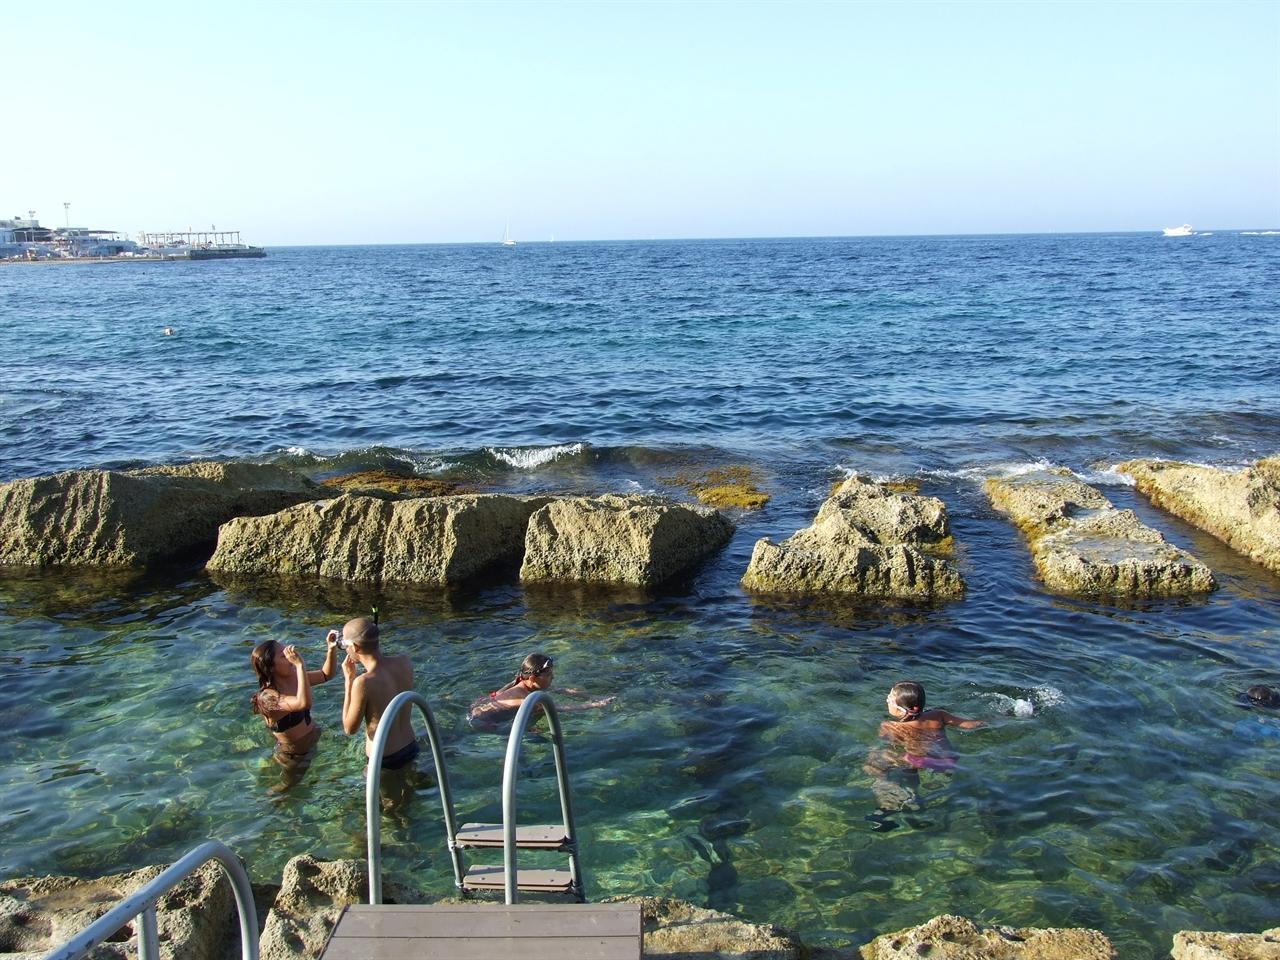 몰타의 흔한 수영장 풍경.